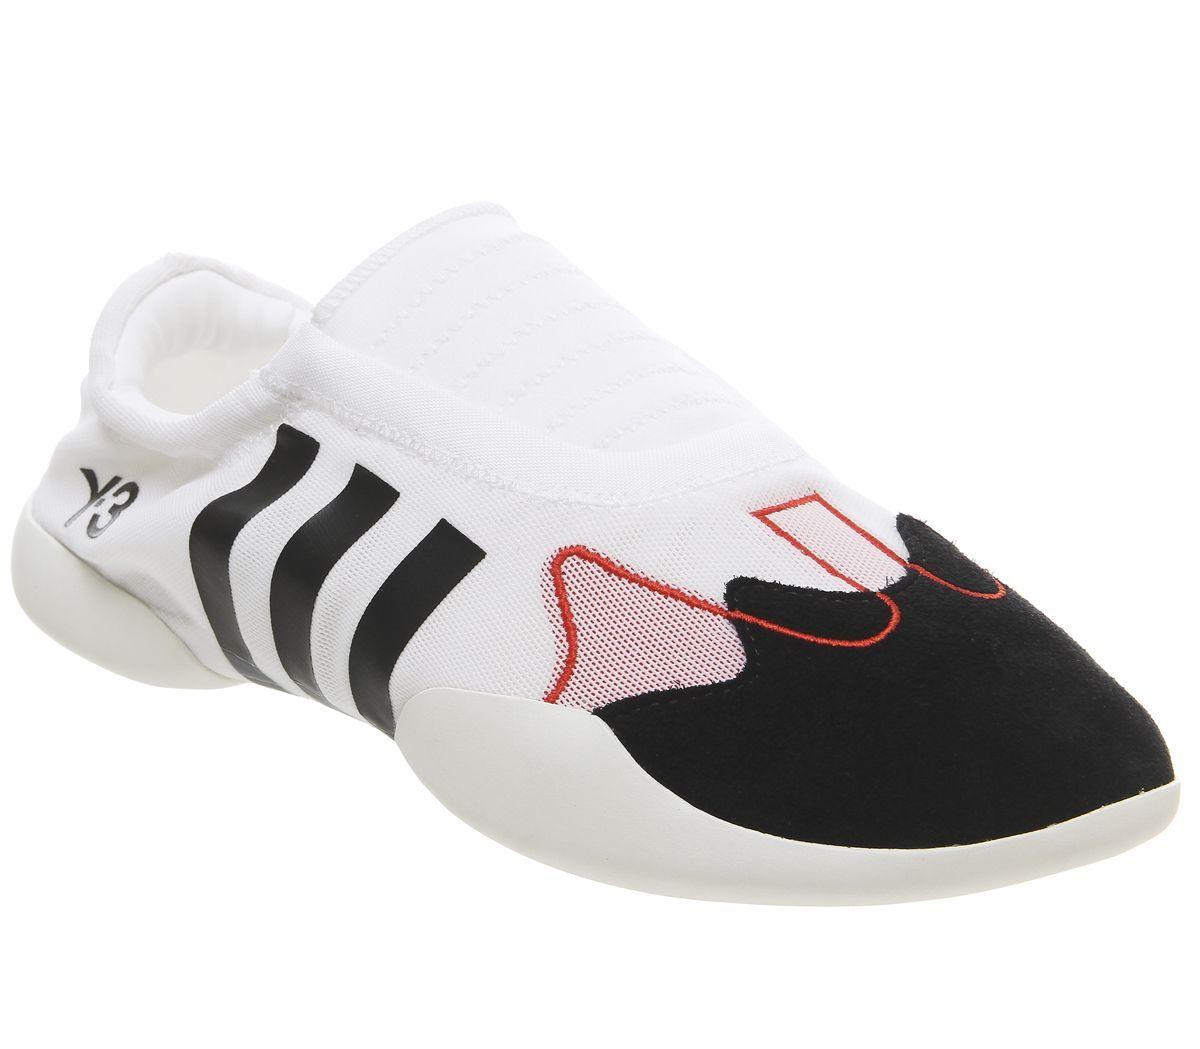 adidas Y3 Y3 Taekwondo Slip Trainers